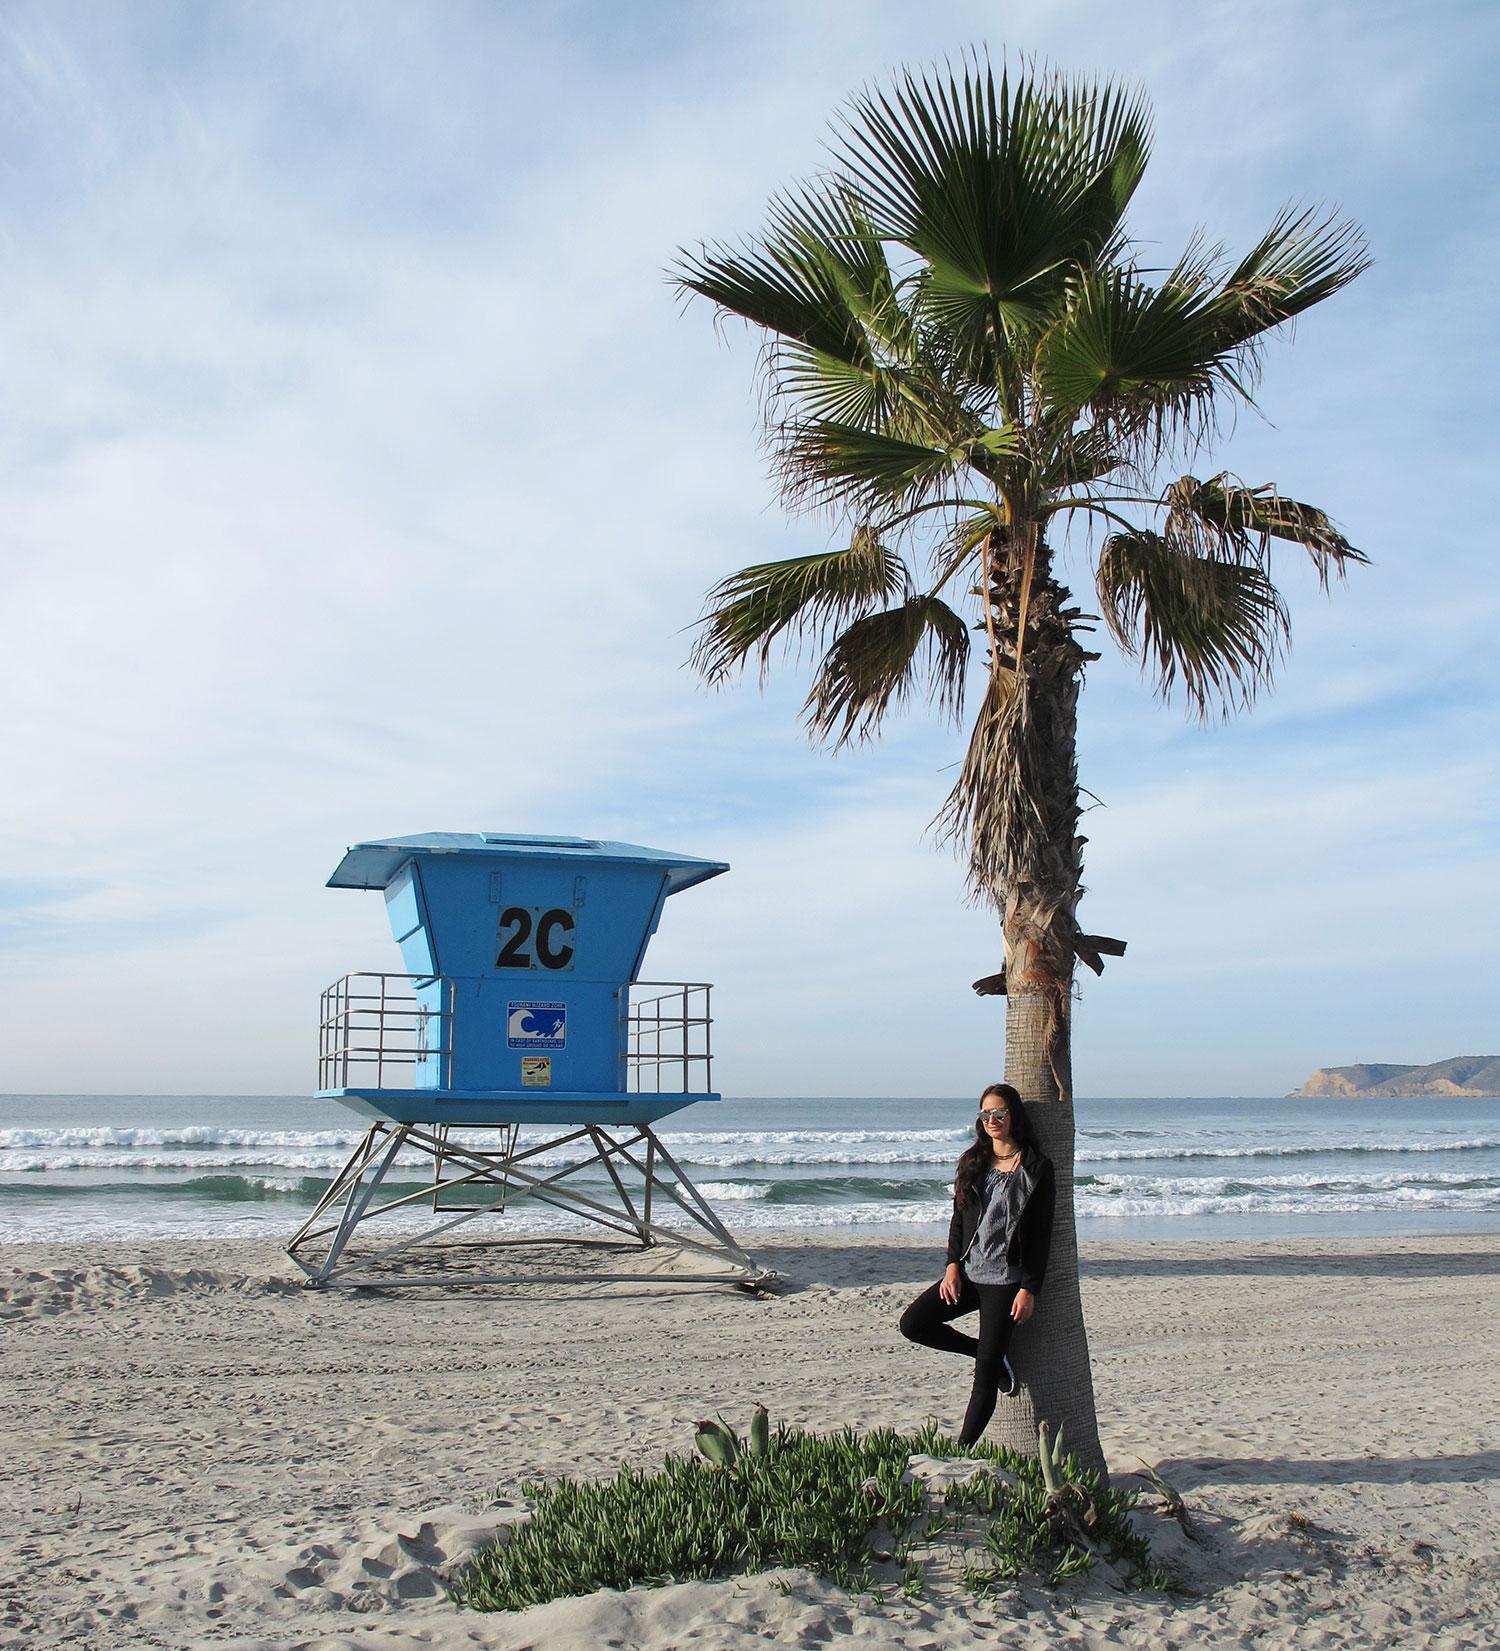 sandiego coronadoisland 2 1 - San Diego - mexikanischer Flair, Strände, Seelöwen und viel mehr